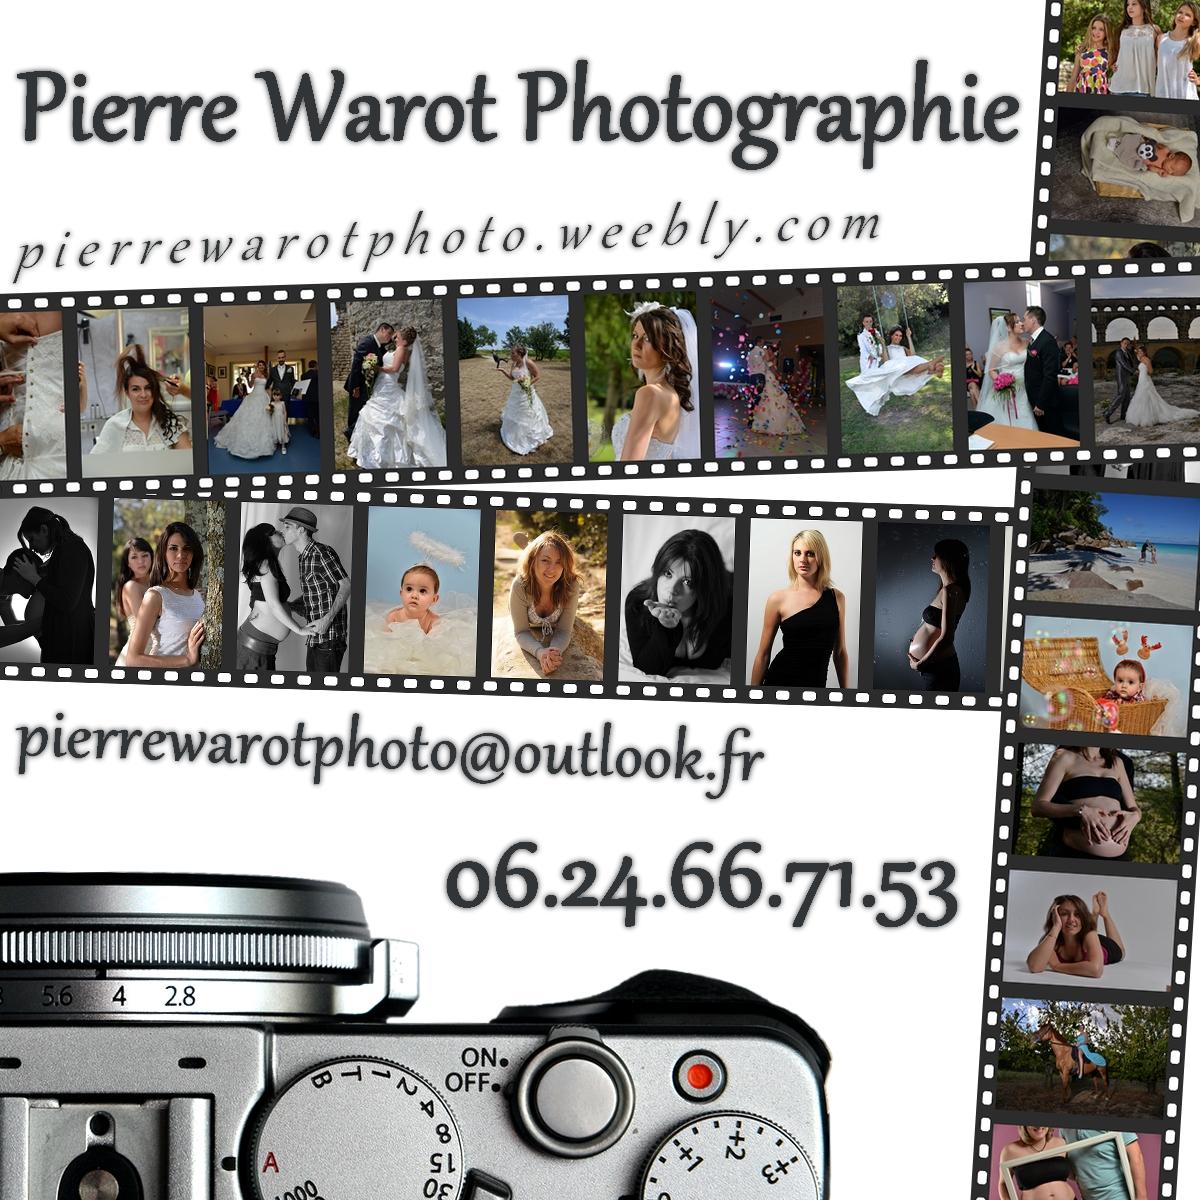 Pierre Warot